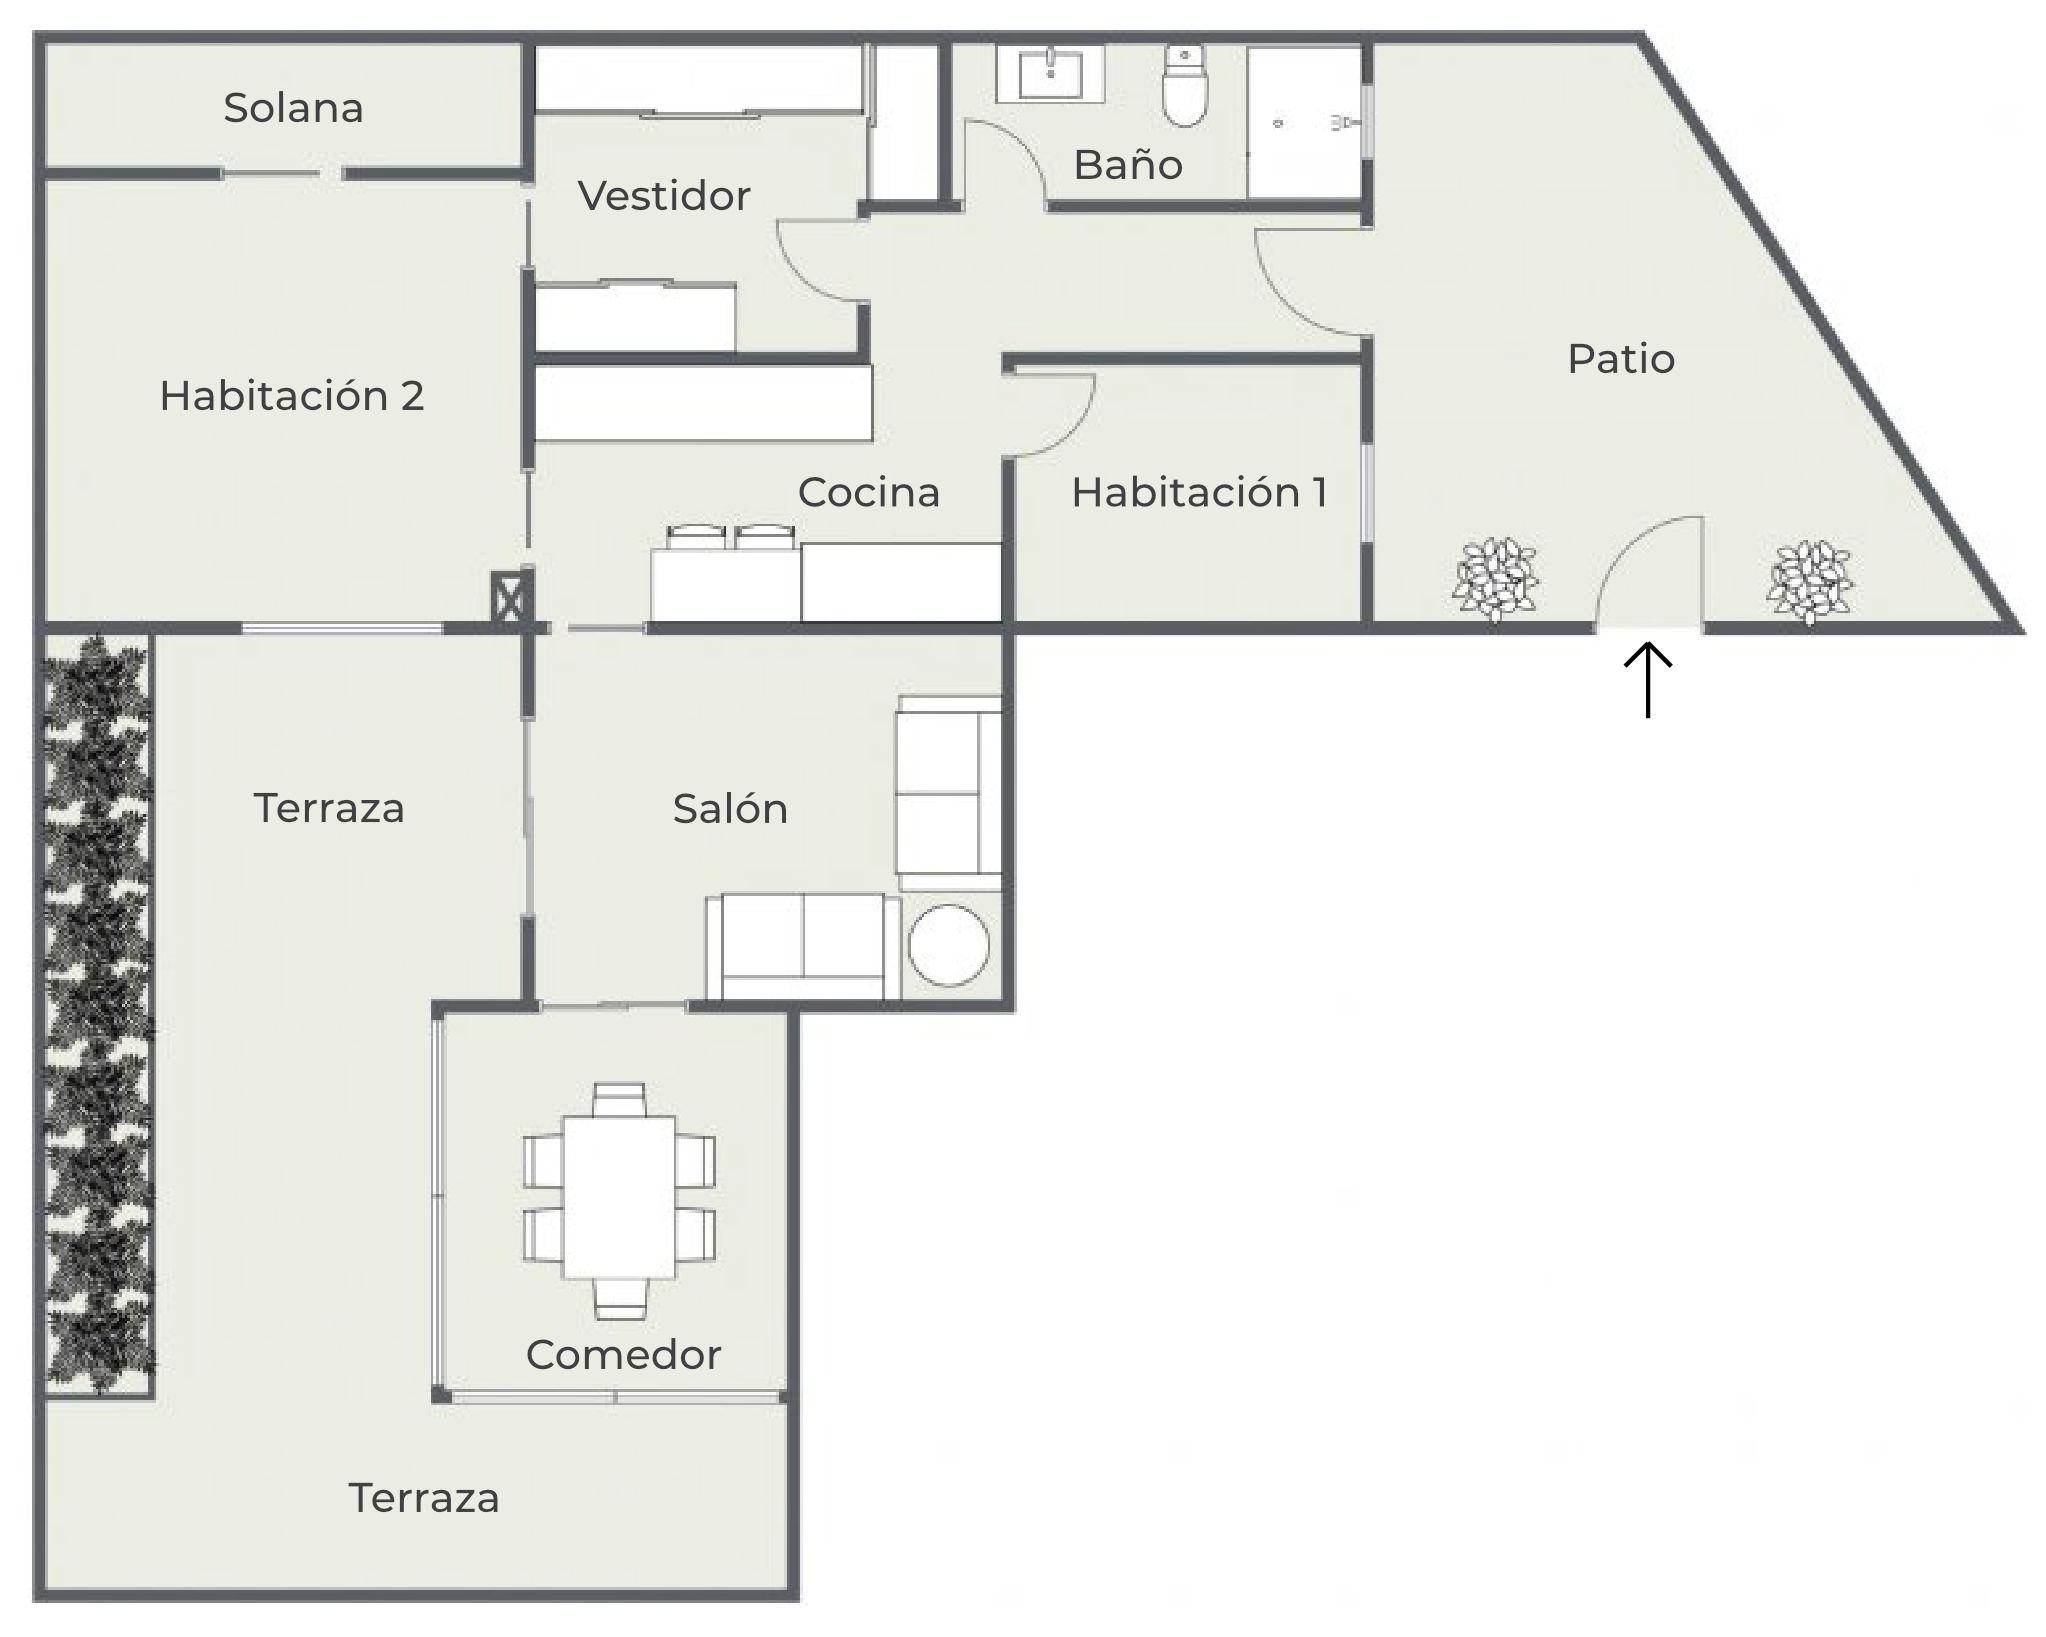 Plano de planta - Las Acacias - Club Oliver